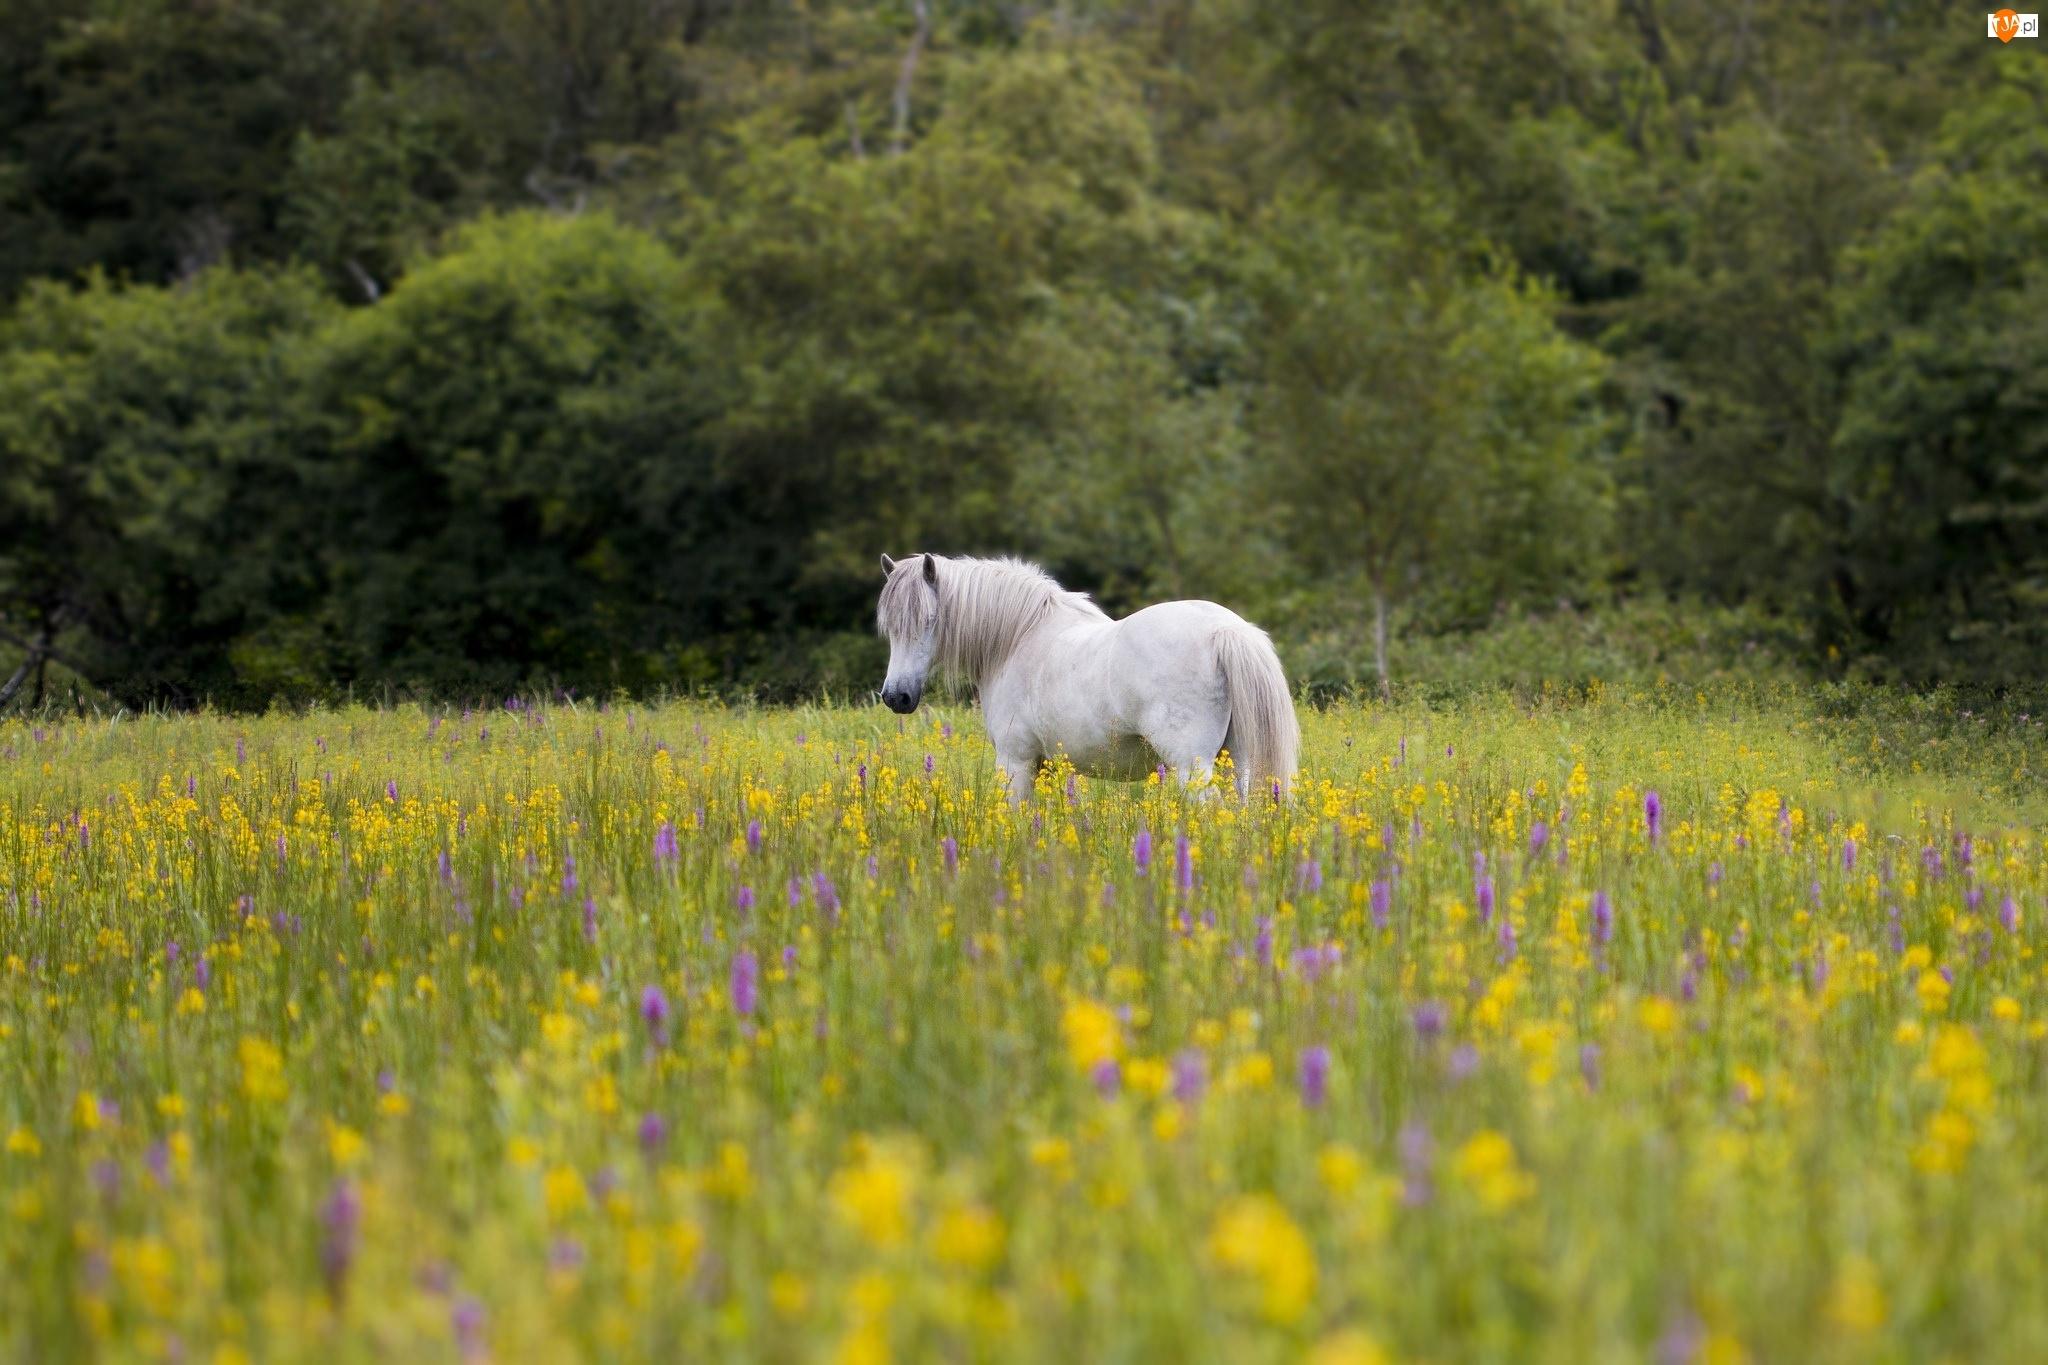 Drzewa, Kwiatki, Koń, Lato, Biały, Łąka